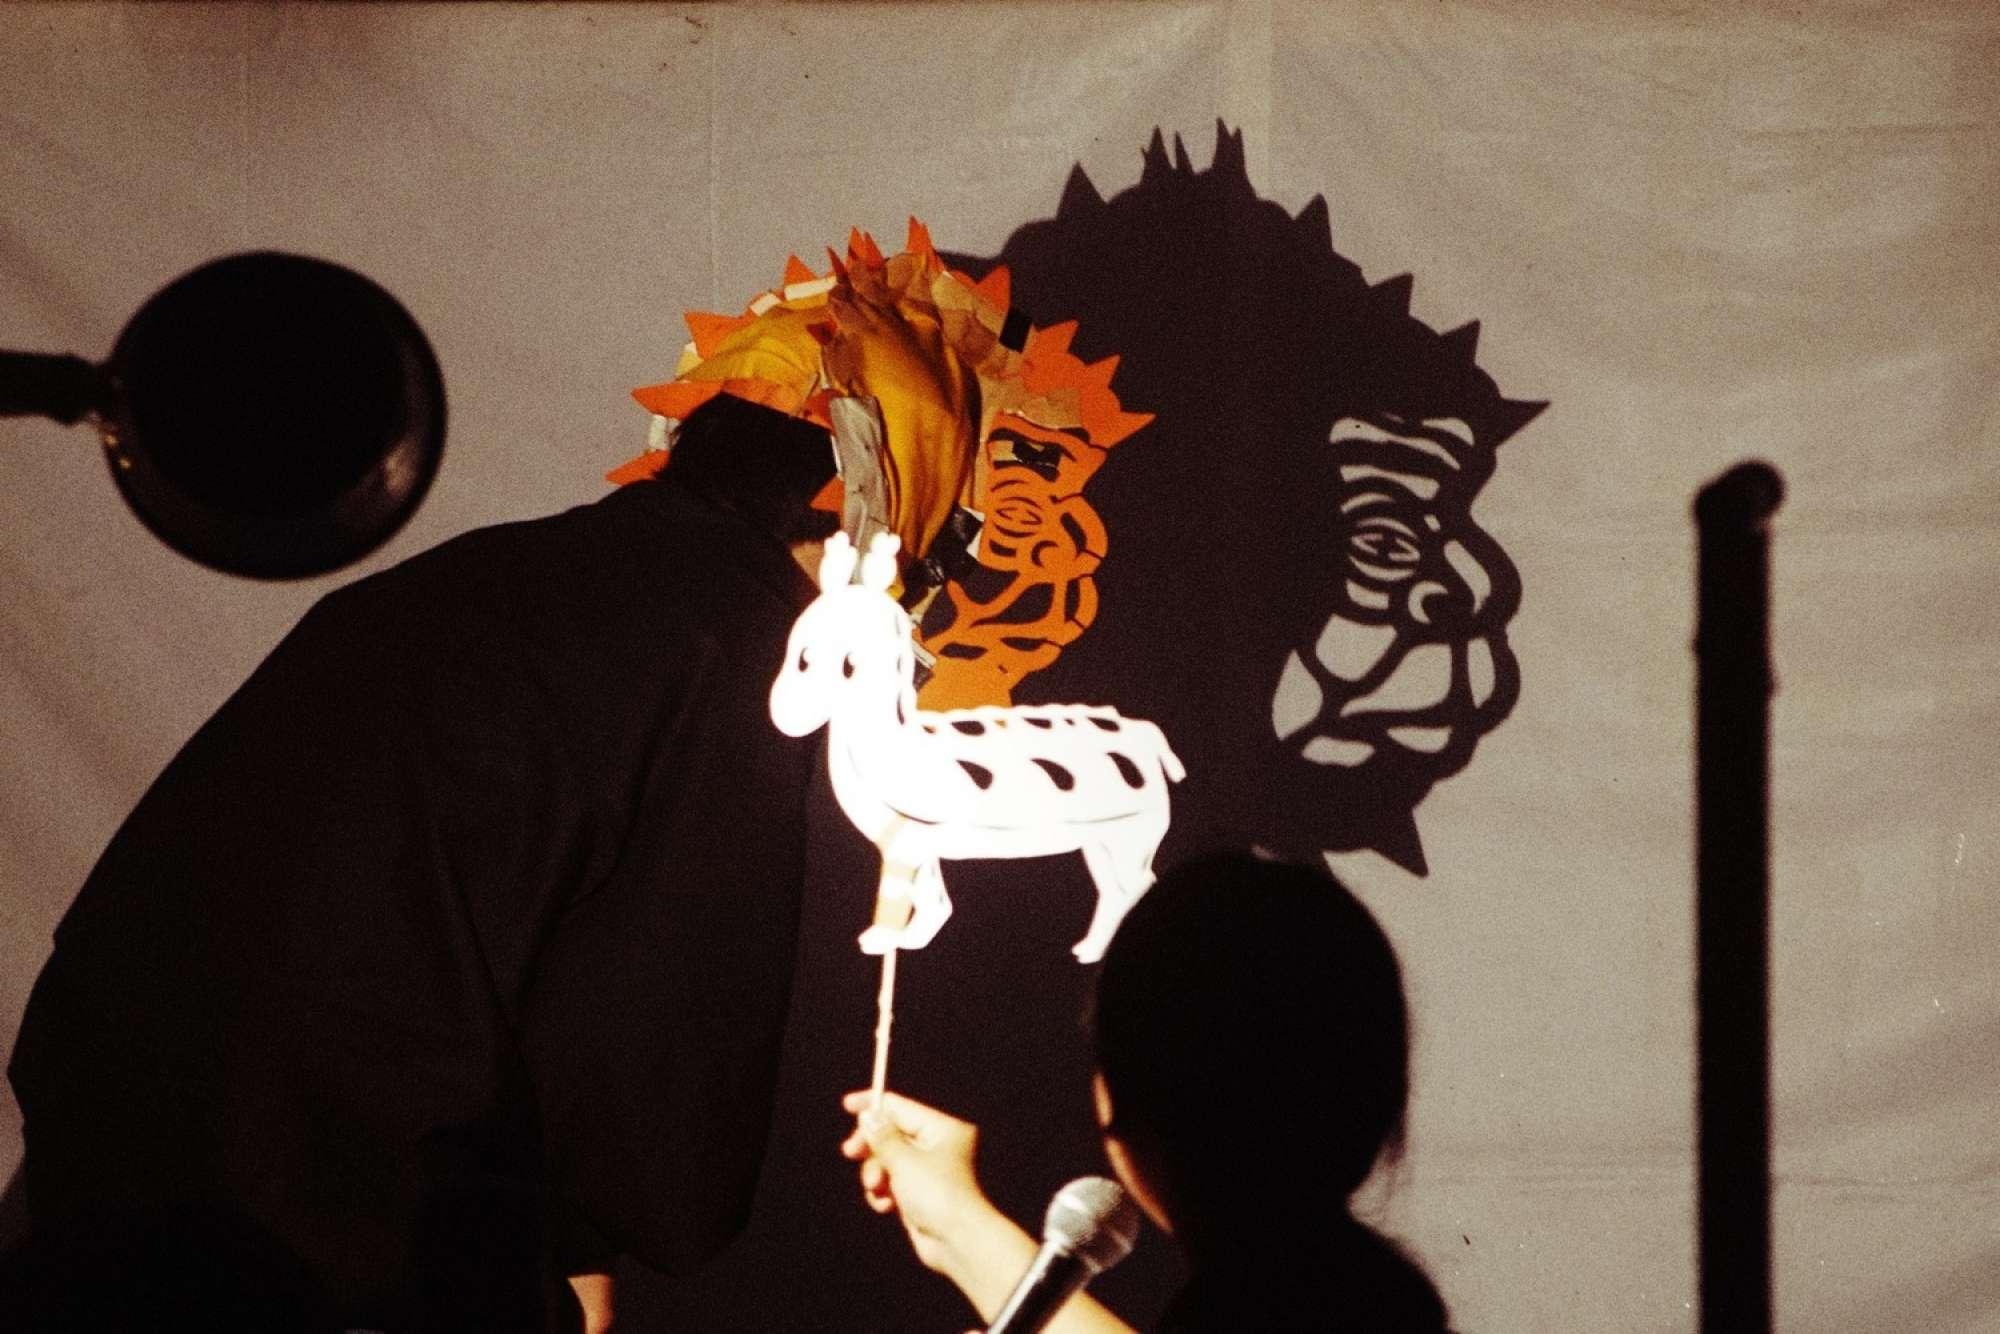 TOBIU ART FESTIVAL 飛生芸術祭 2020 [2020.9.7 mon - 13 sun]